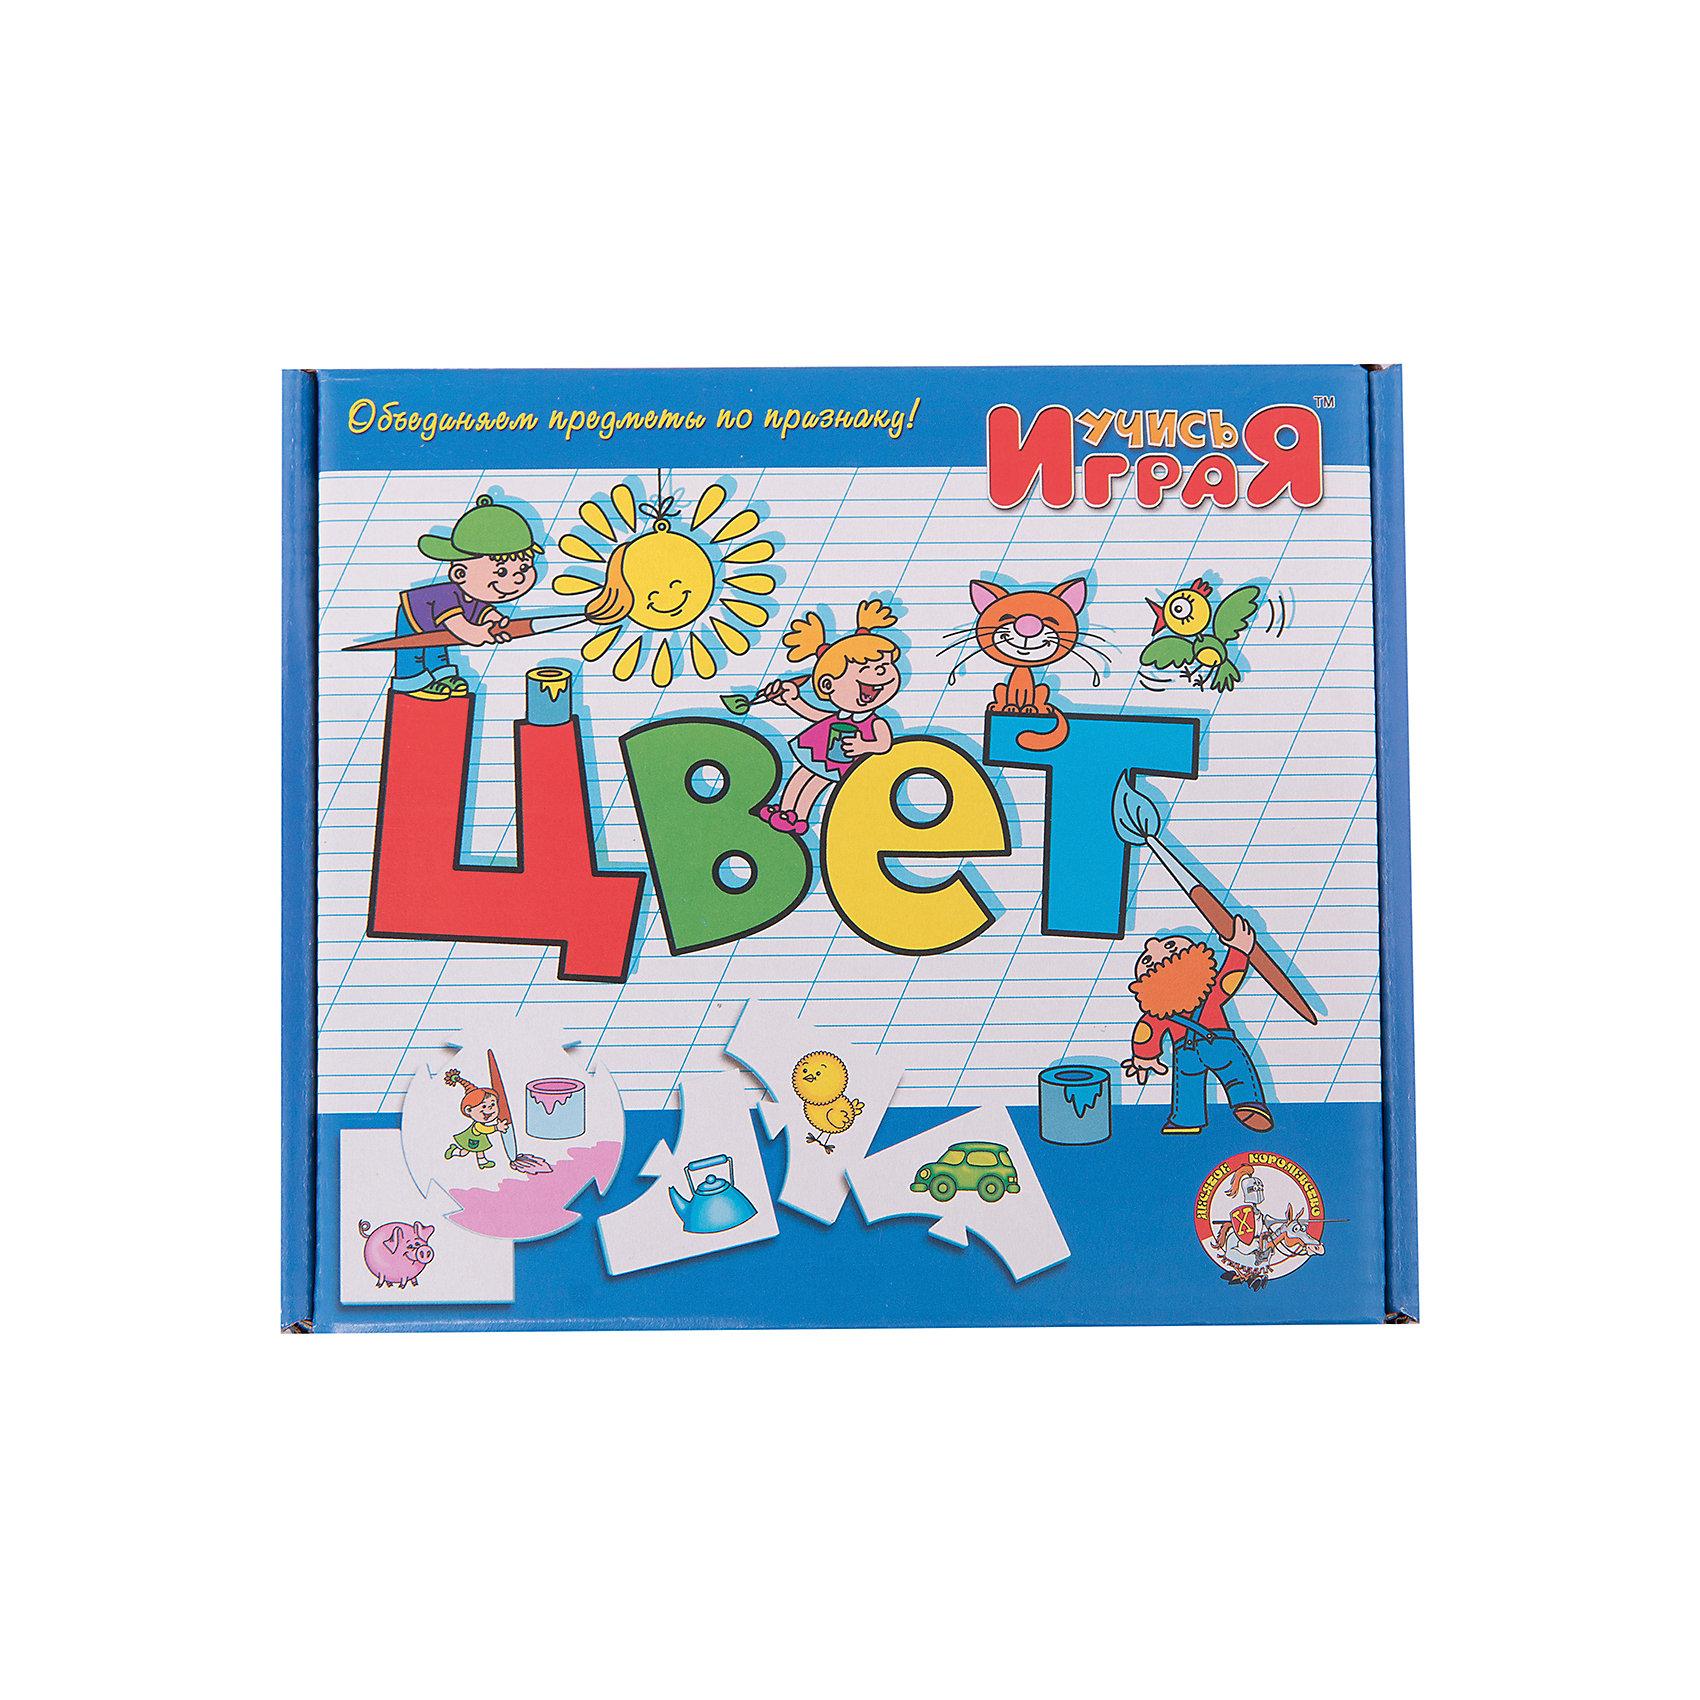 Игра обучающая  Цвет, Десятое королевствоИзучаем цвета и формы<br>Игра обучающая Цвет, Десятое королевство<br><br>Характеристики:<br><br>• Возраст: от 3 лет<br>• Количество игроков: от 1 до 10<br>• В комплекте: 10 карточек заданий, 4 карточки с ответами<br><br>В этой увлекательной обучающей игре могут участвовать одновременно от 1 до 10 детей! В наборе содержатся 10 карточек-заданий, на которых изображены рисунки. К каждой необходимо найти 4 карточки-ответа, чтобы дополнить их содержание. В процессе игры дети работают над мелкой моторикой и расширяют свои знания и представления об окружающем мире.<br><br>Игра обучающая Цвет, Десятое королевство можно купить в нашем интернет-магазине.<br><br>Ширина мм: 230<br>Глубина мм: 200<br>Высота мм: 35<br>Вес г: 240<br>Возраст от месяцев: 84<br>Возраст до месяцев: 2147483647<br>Пол: Унисекс<br>Возраст: Детский<br>SKU: 5471694